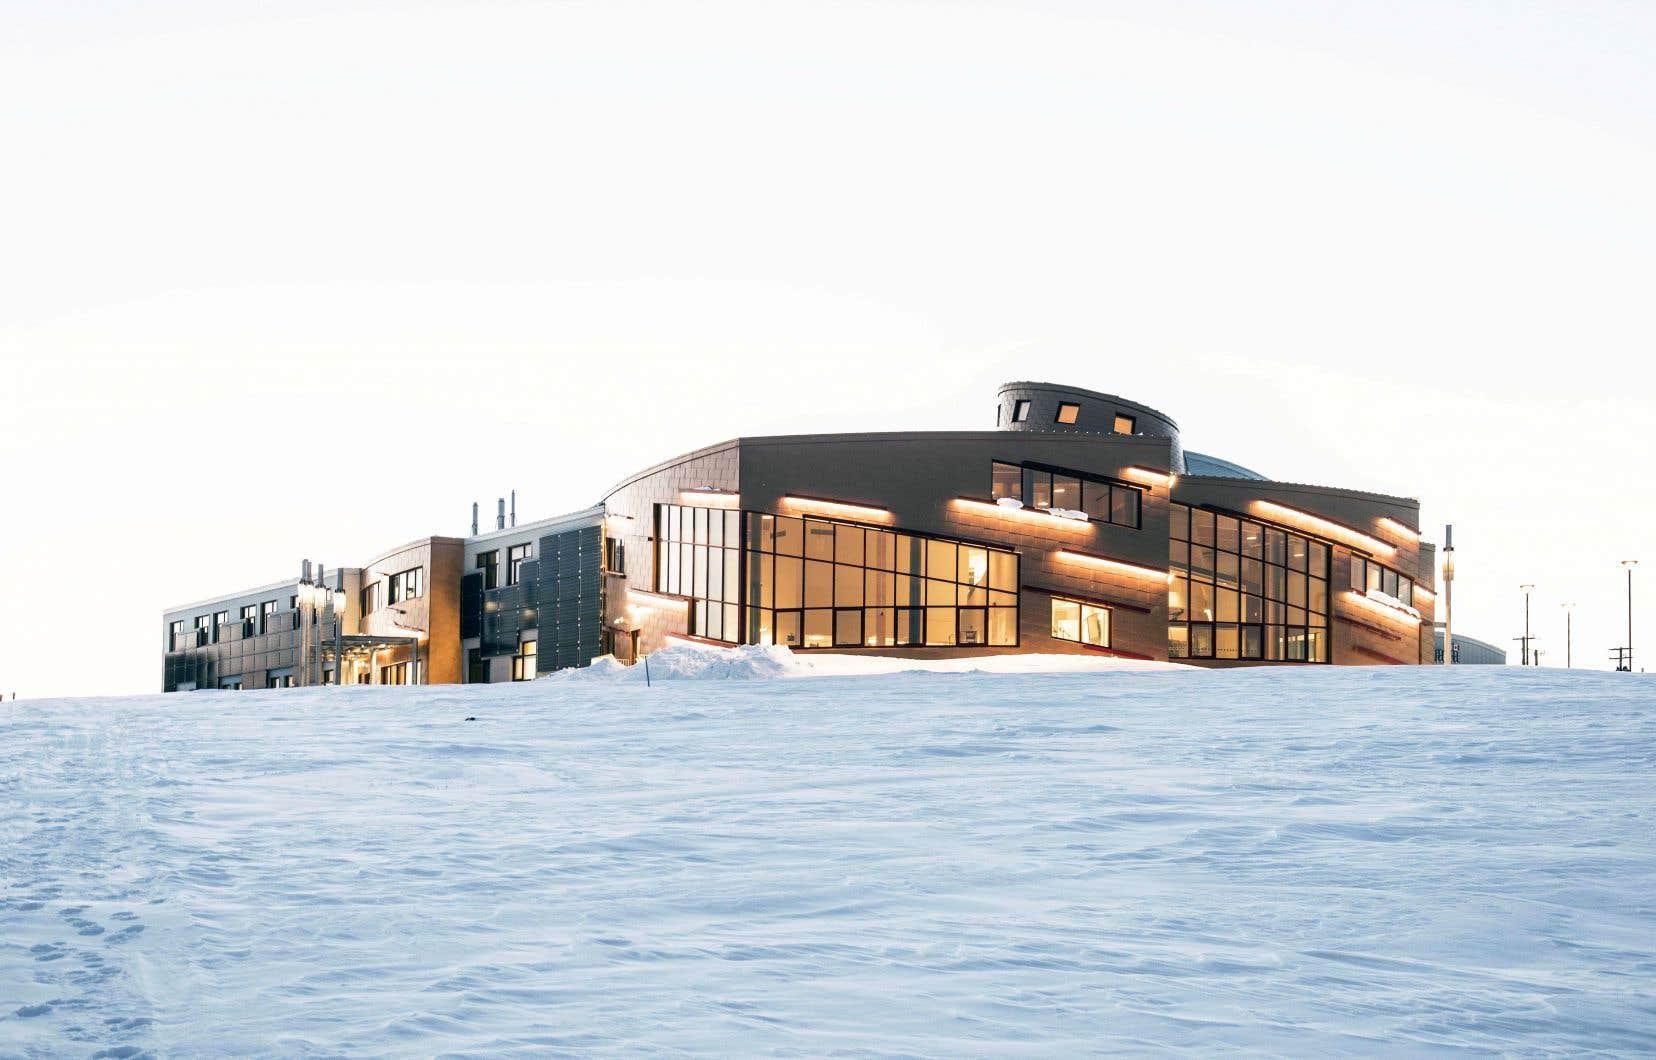 À Ikaluktutiak, au Nunavut, la firme d'architecture EVOQ s'est inspirée de l'igloo communautaire et de la façon inuite de penser l'espace pour la construction de la Station de recherche du Canada dans l'Extrême-Arctique.